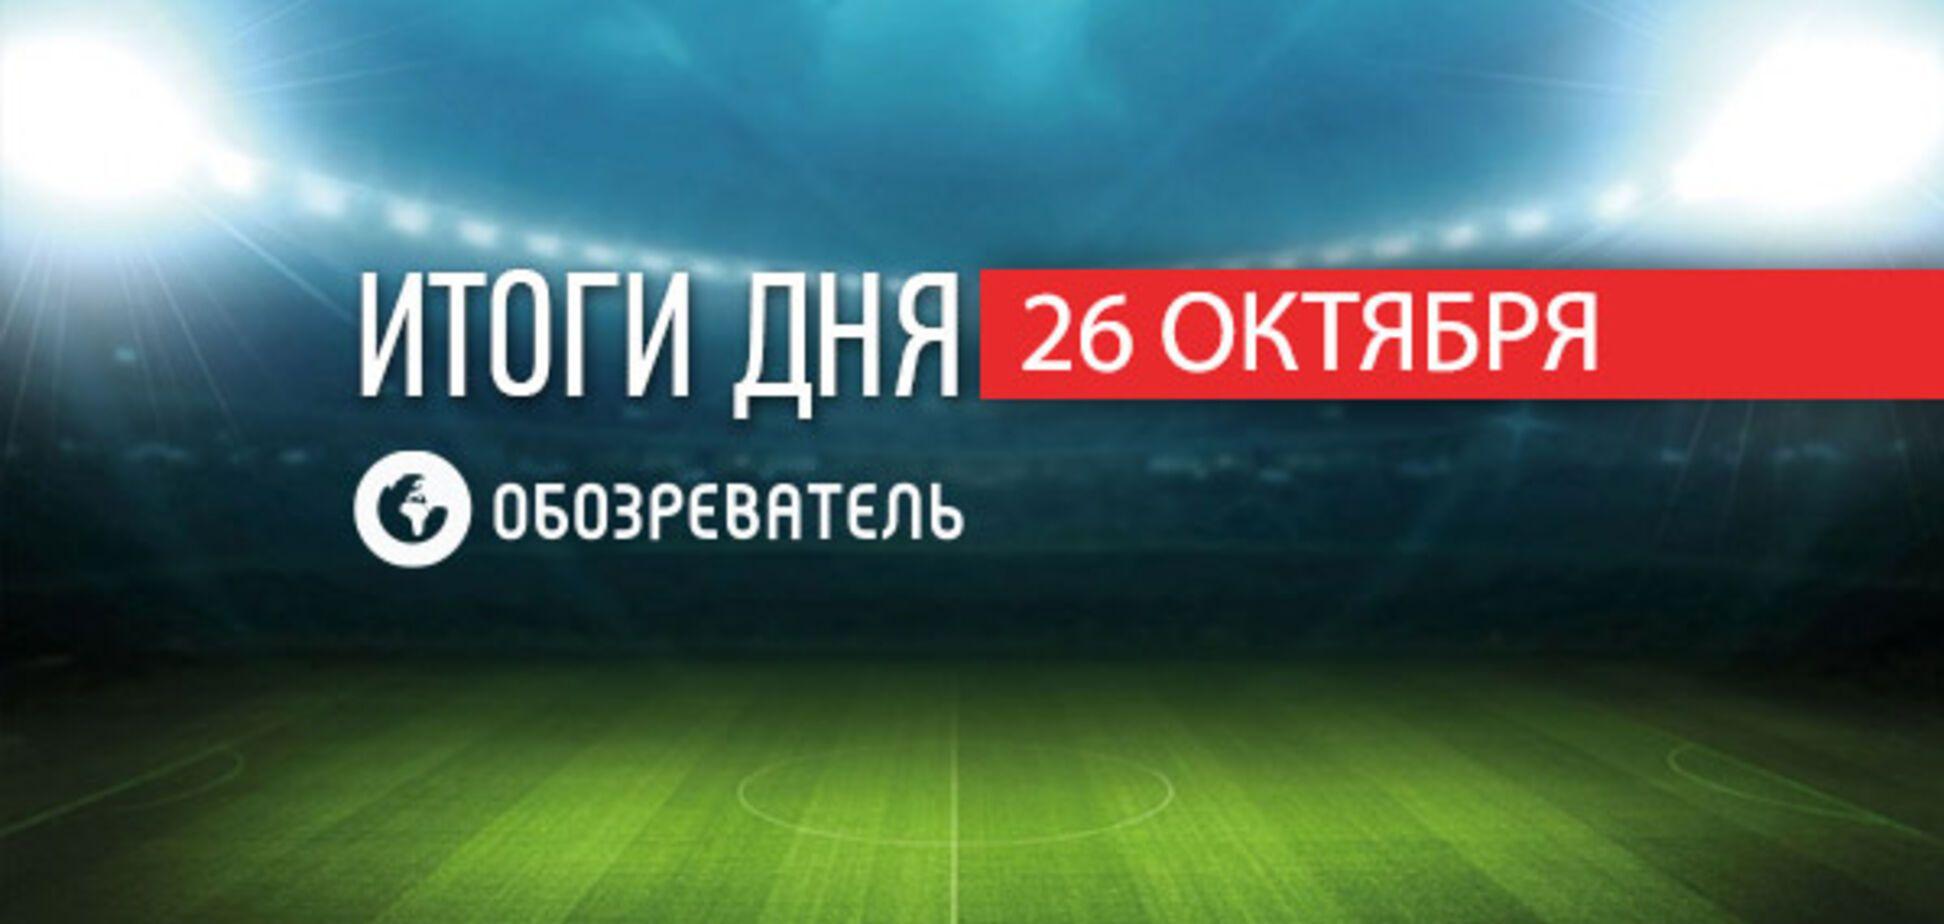 Усика унизили в России: спортивные итоги 26 октября